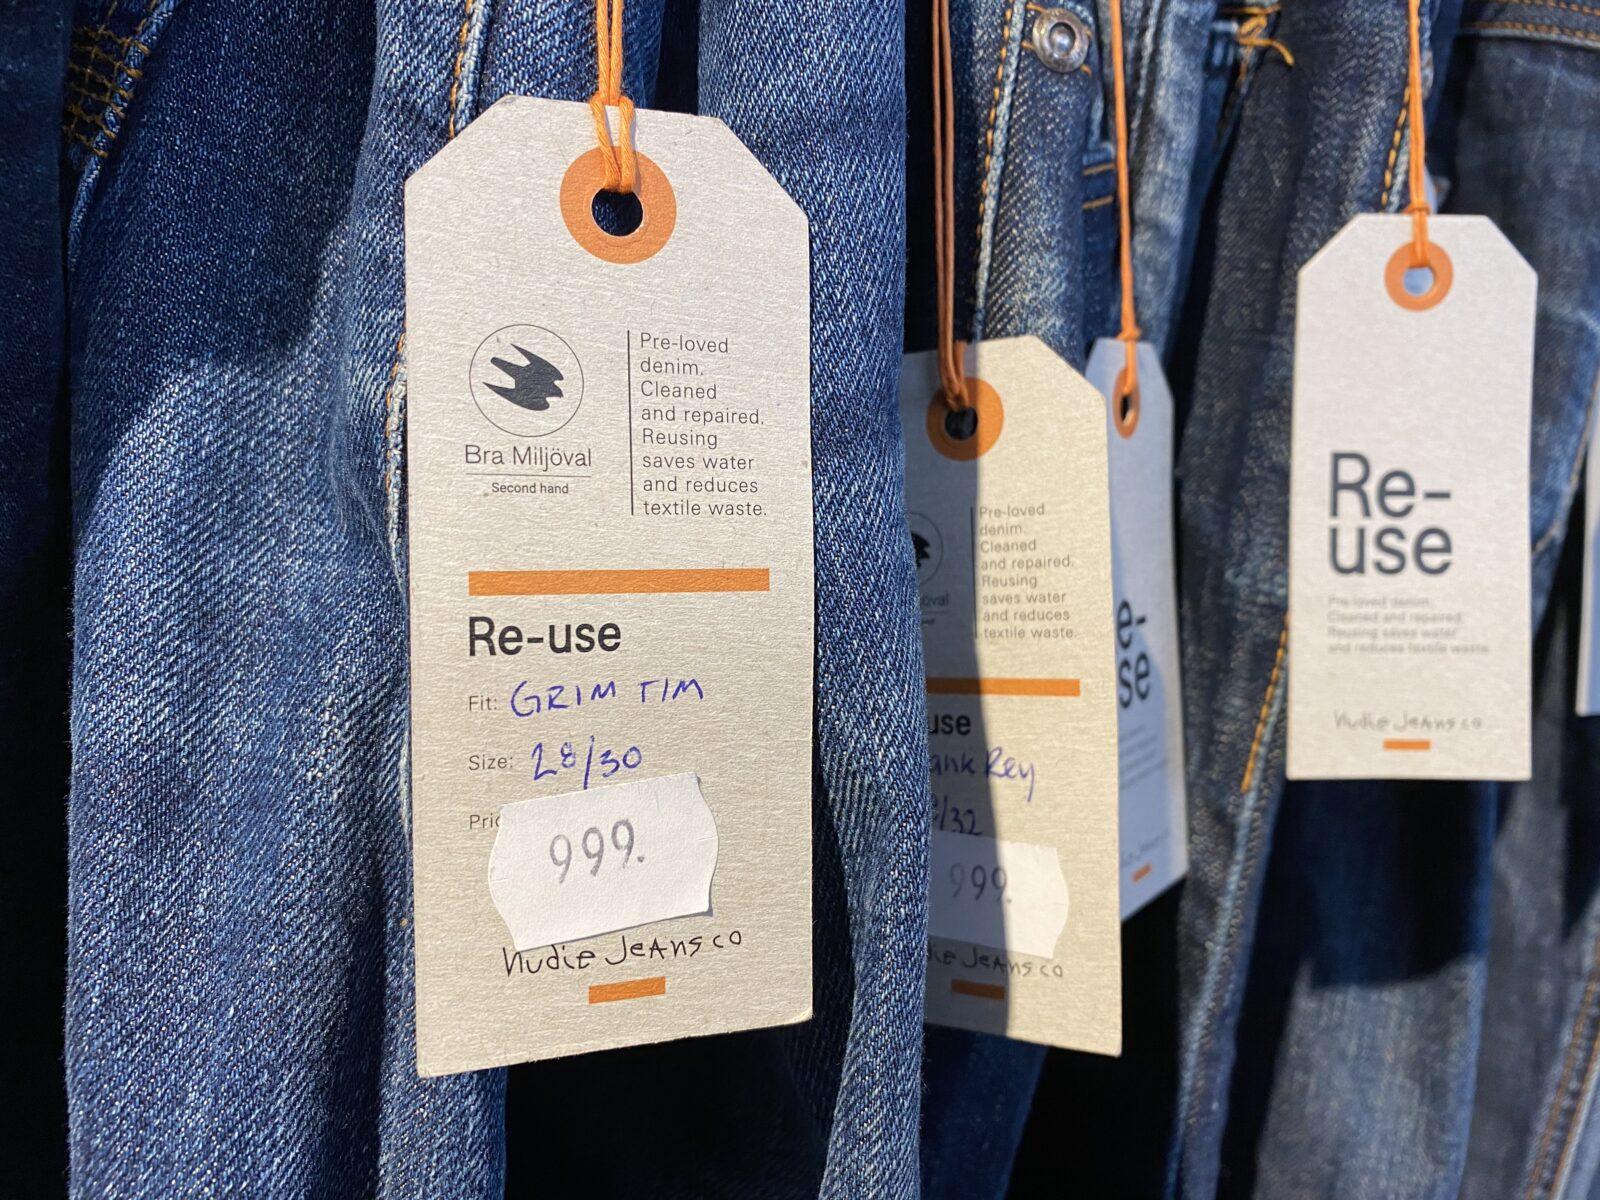 reuse, återanvändning, jeans, prislapp, miljömärkt, miljömärkning, återanvända, byxor, textil, kläder